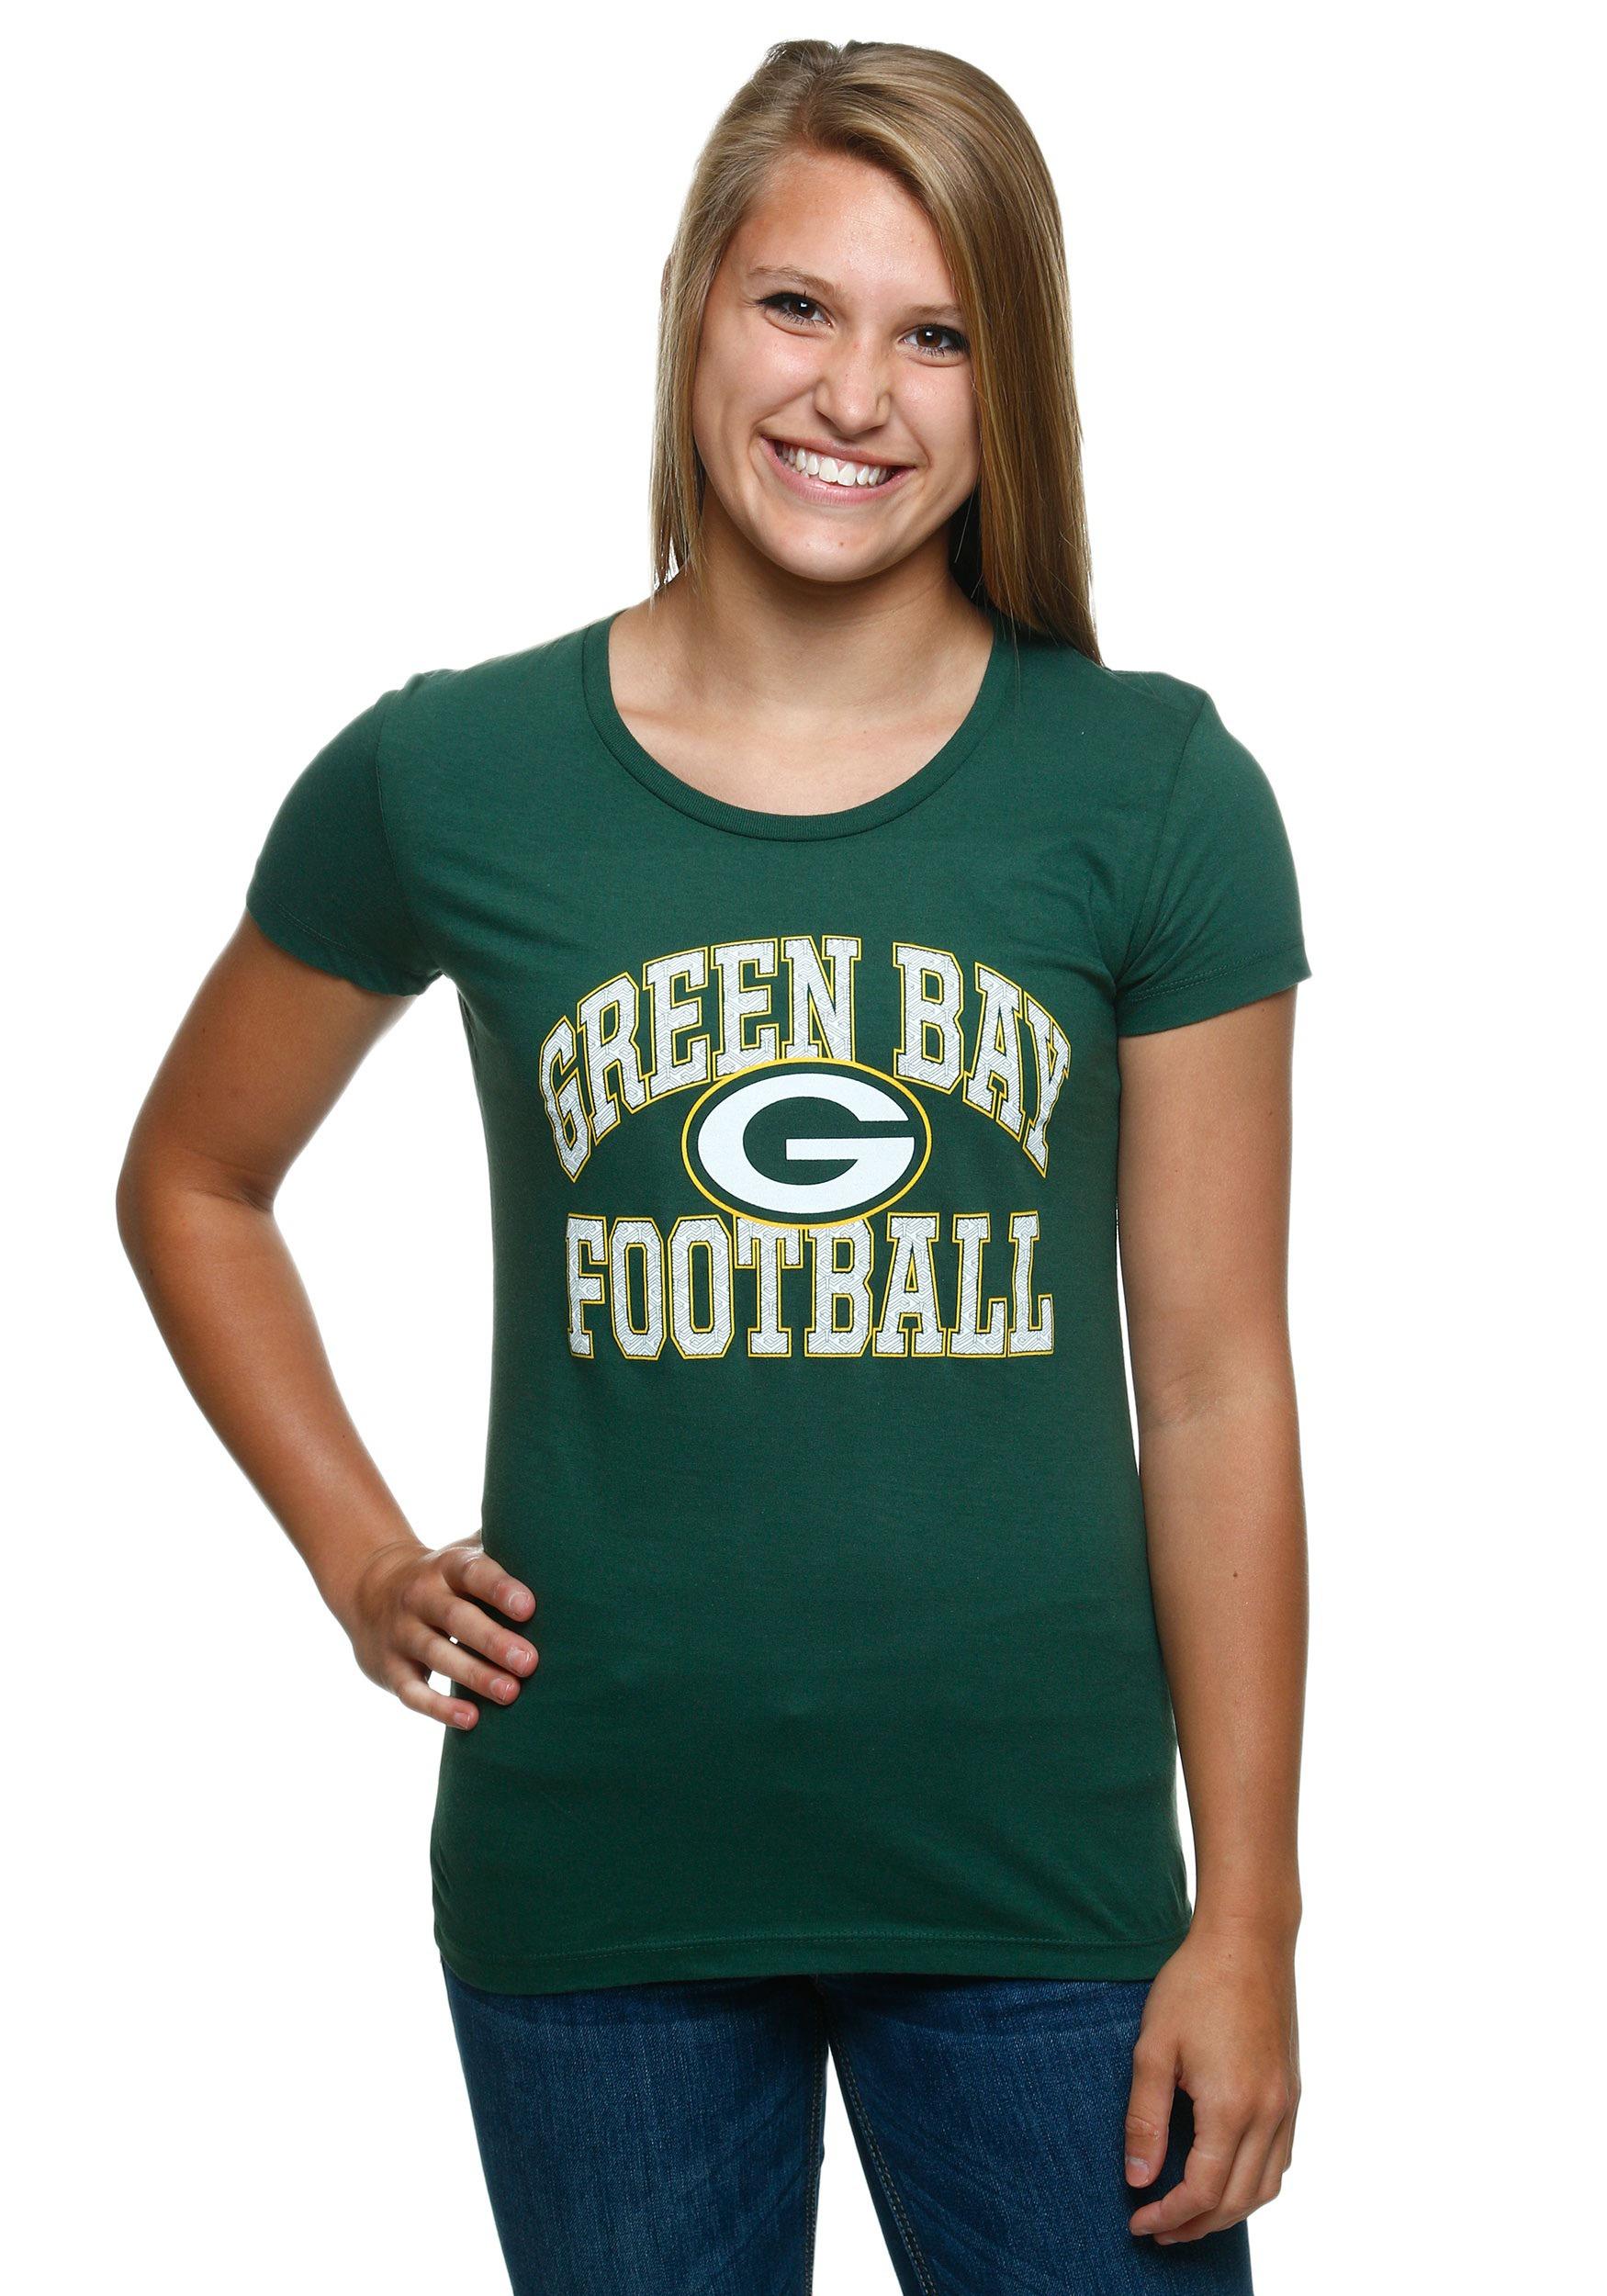 green bay women's t shirts